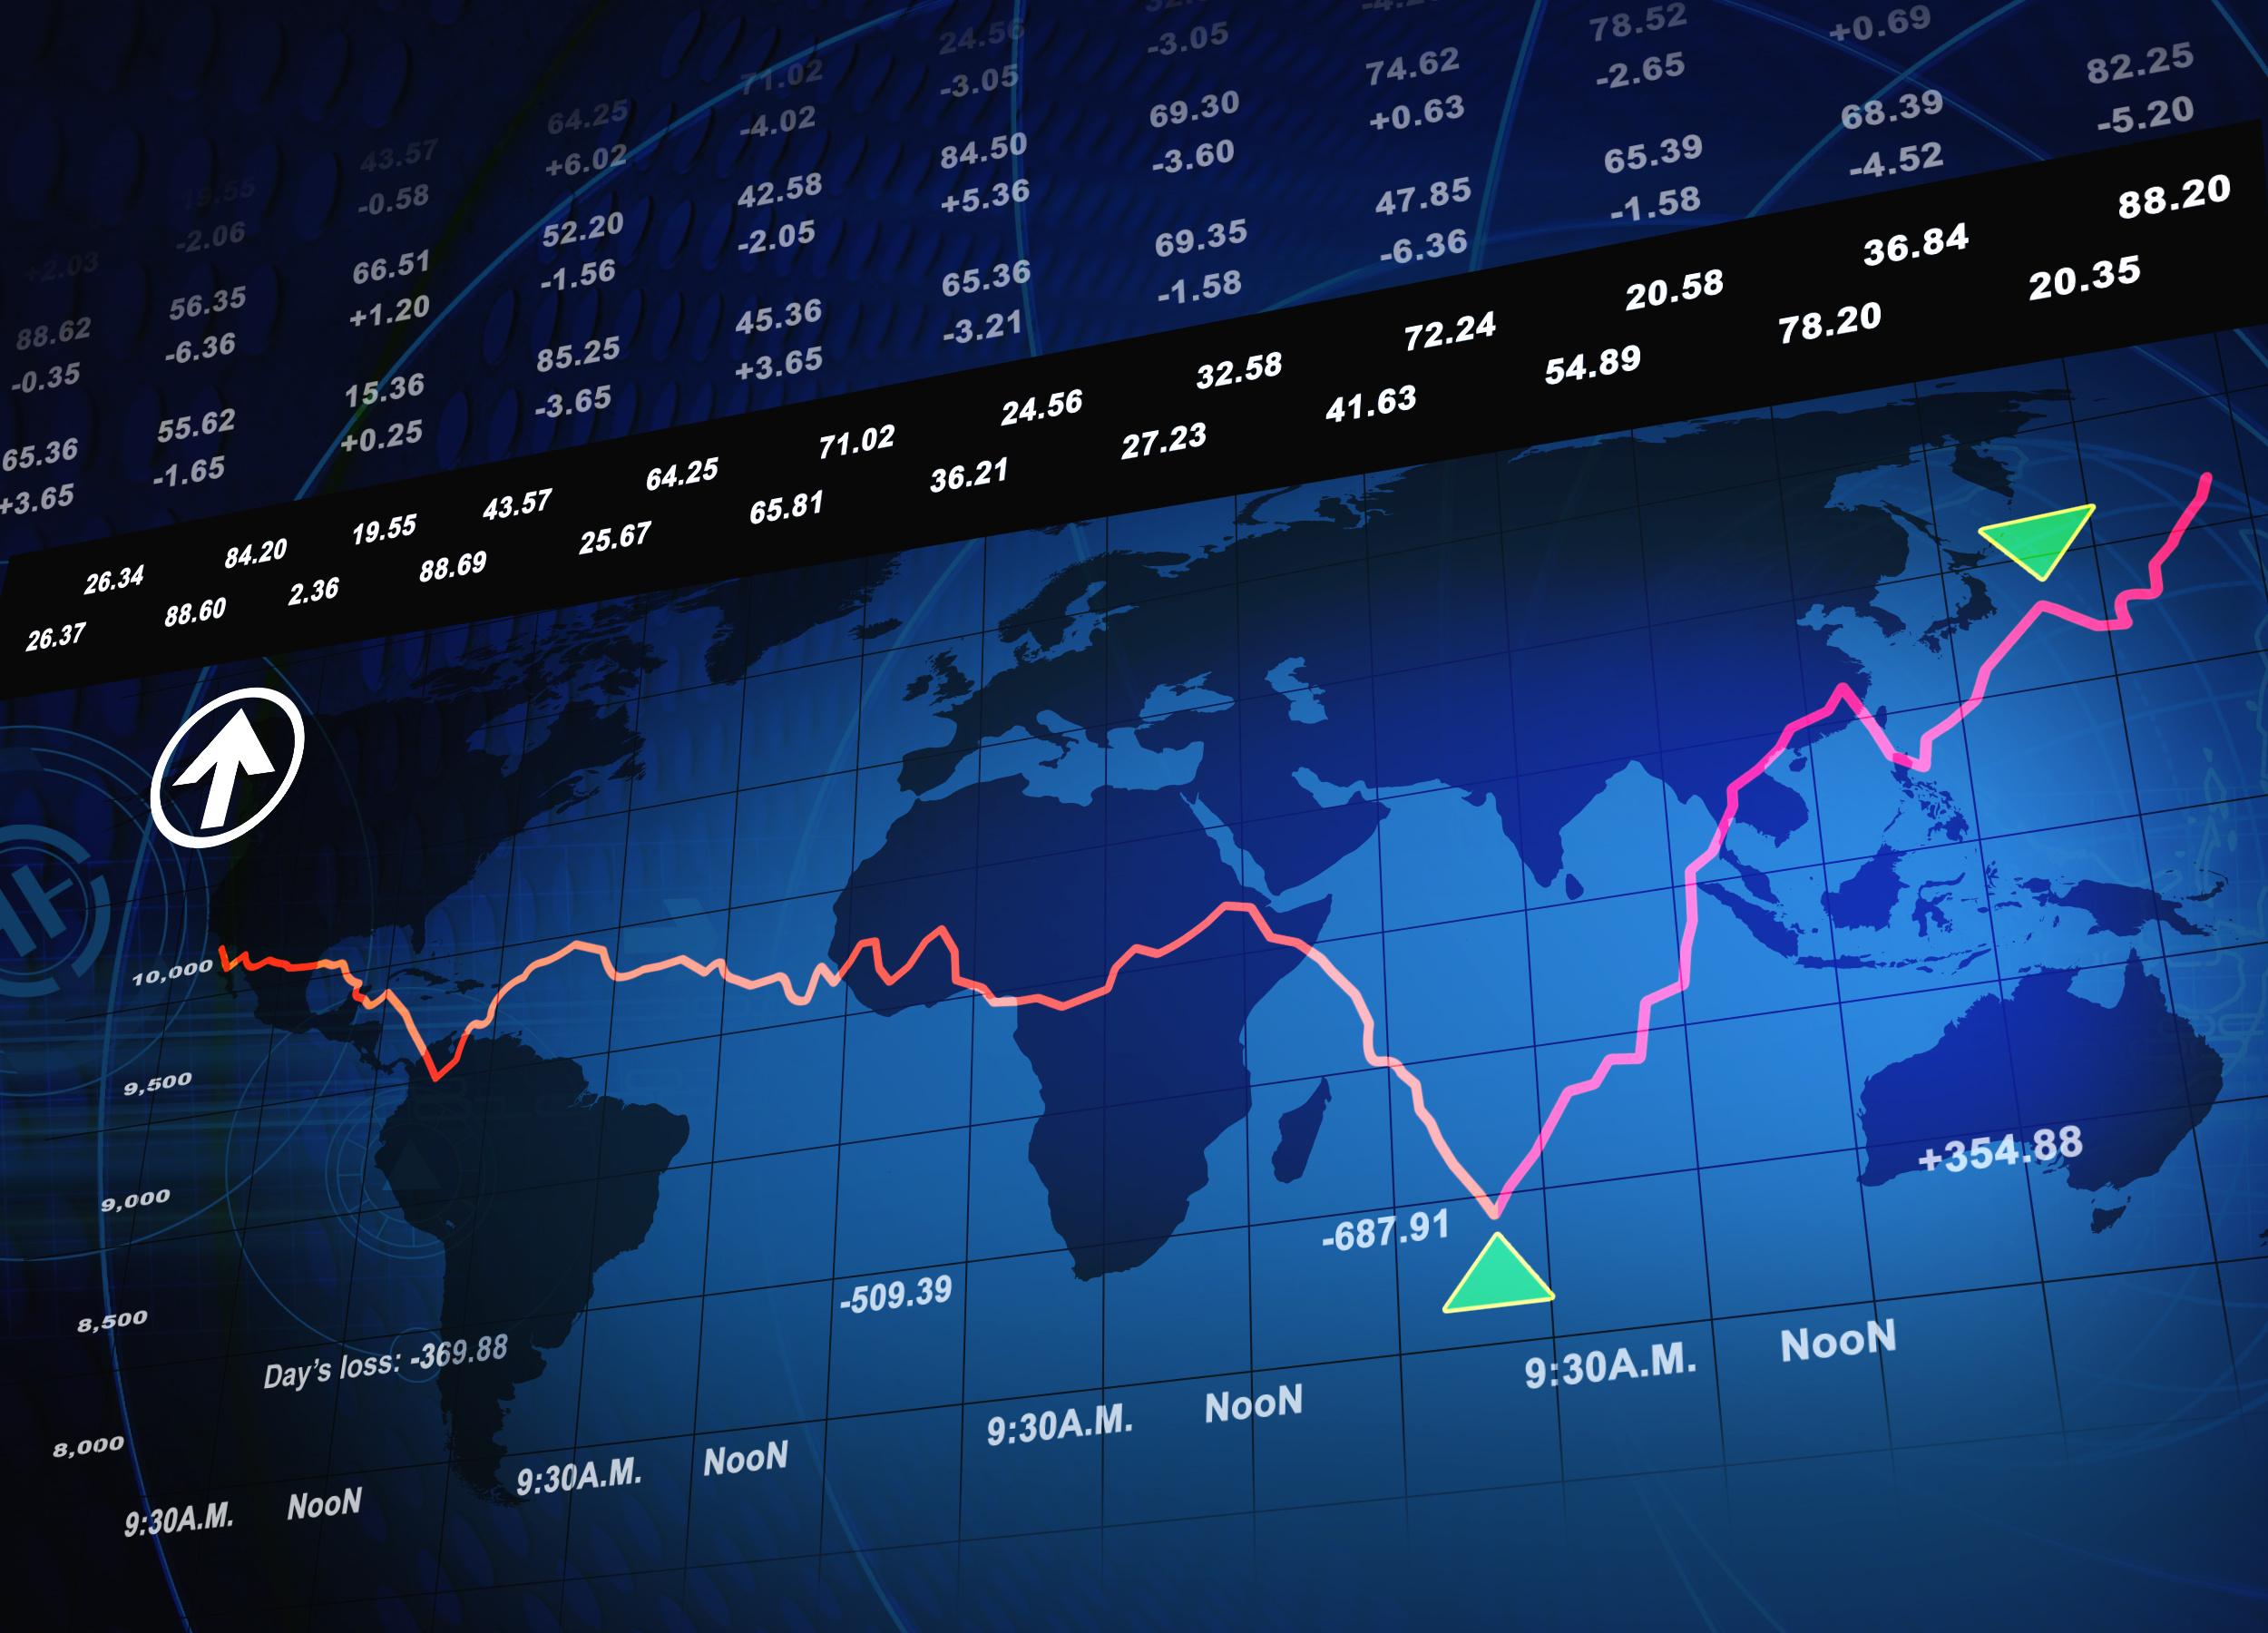 Hausse de 10 % des actions européennes avant la fin de l'été ?